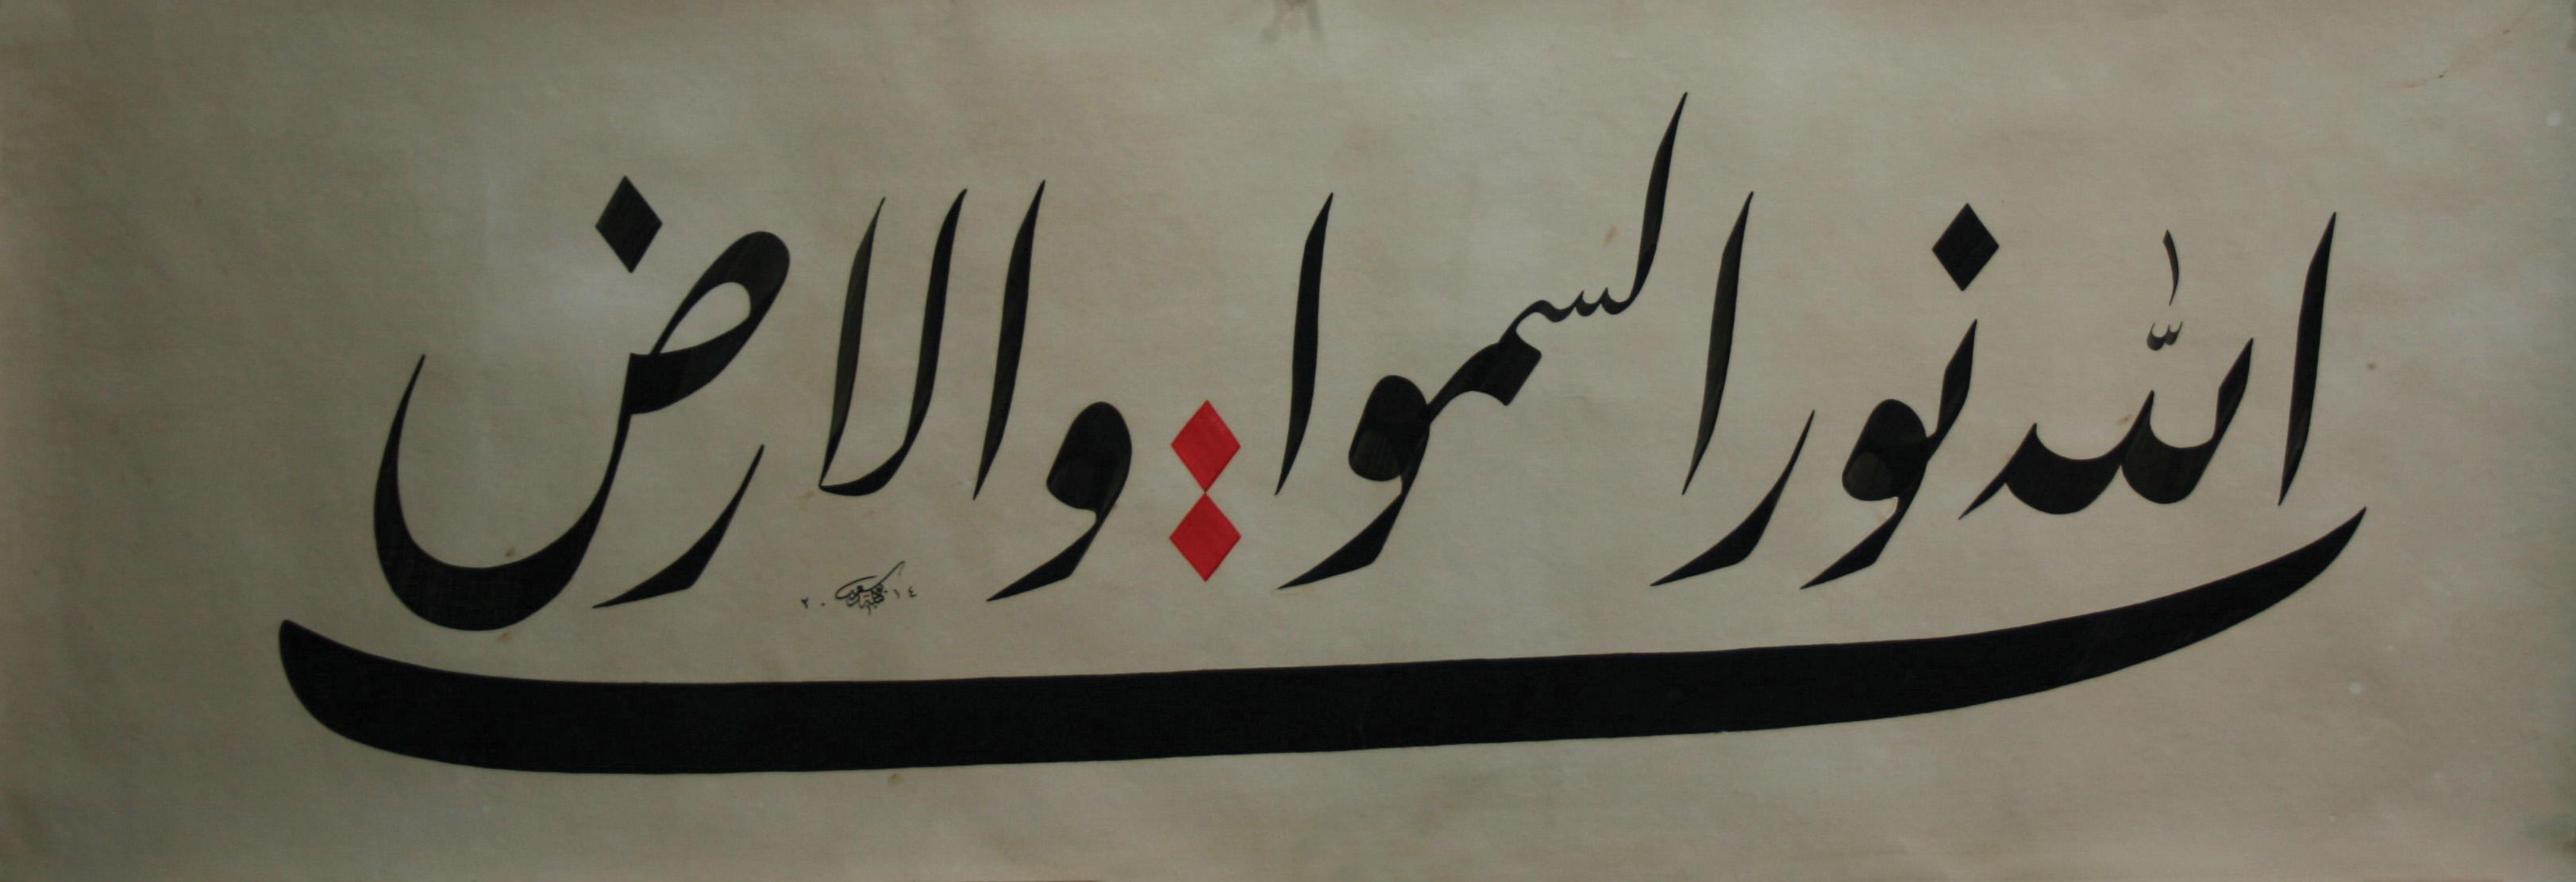 بين المحرق و إشبيلية | Busaad Art Gallery